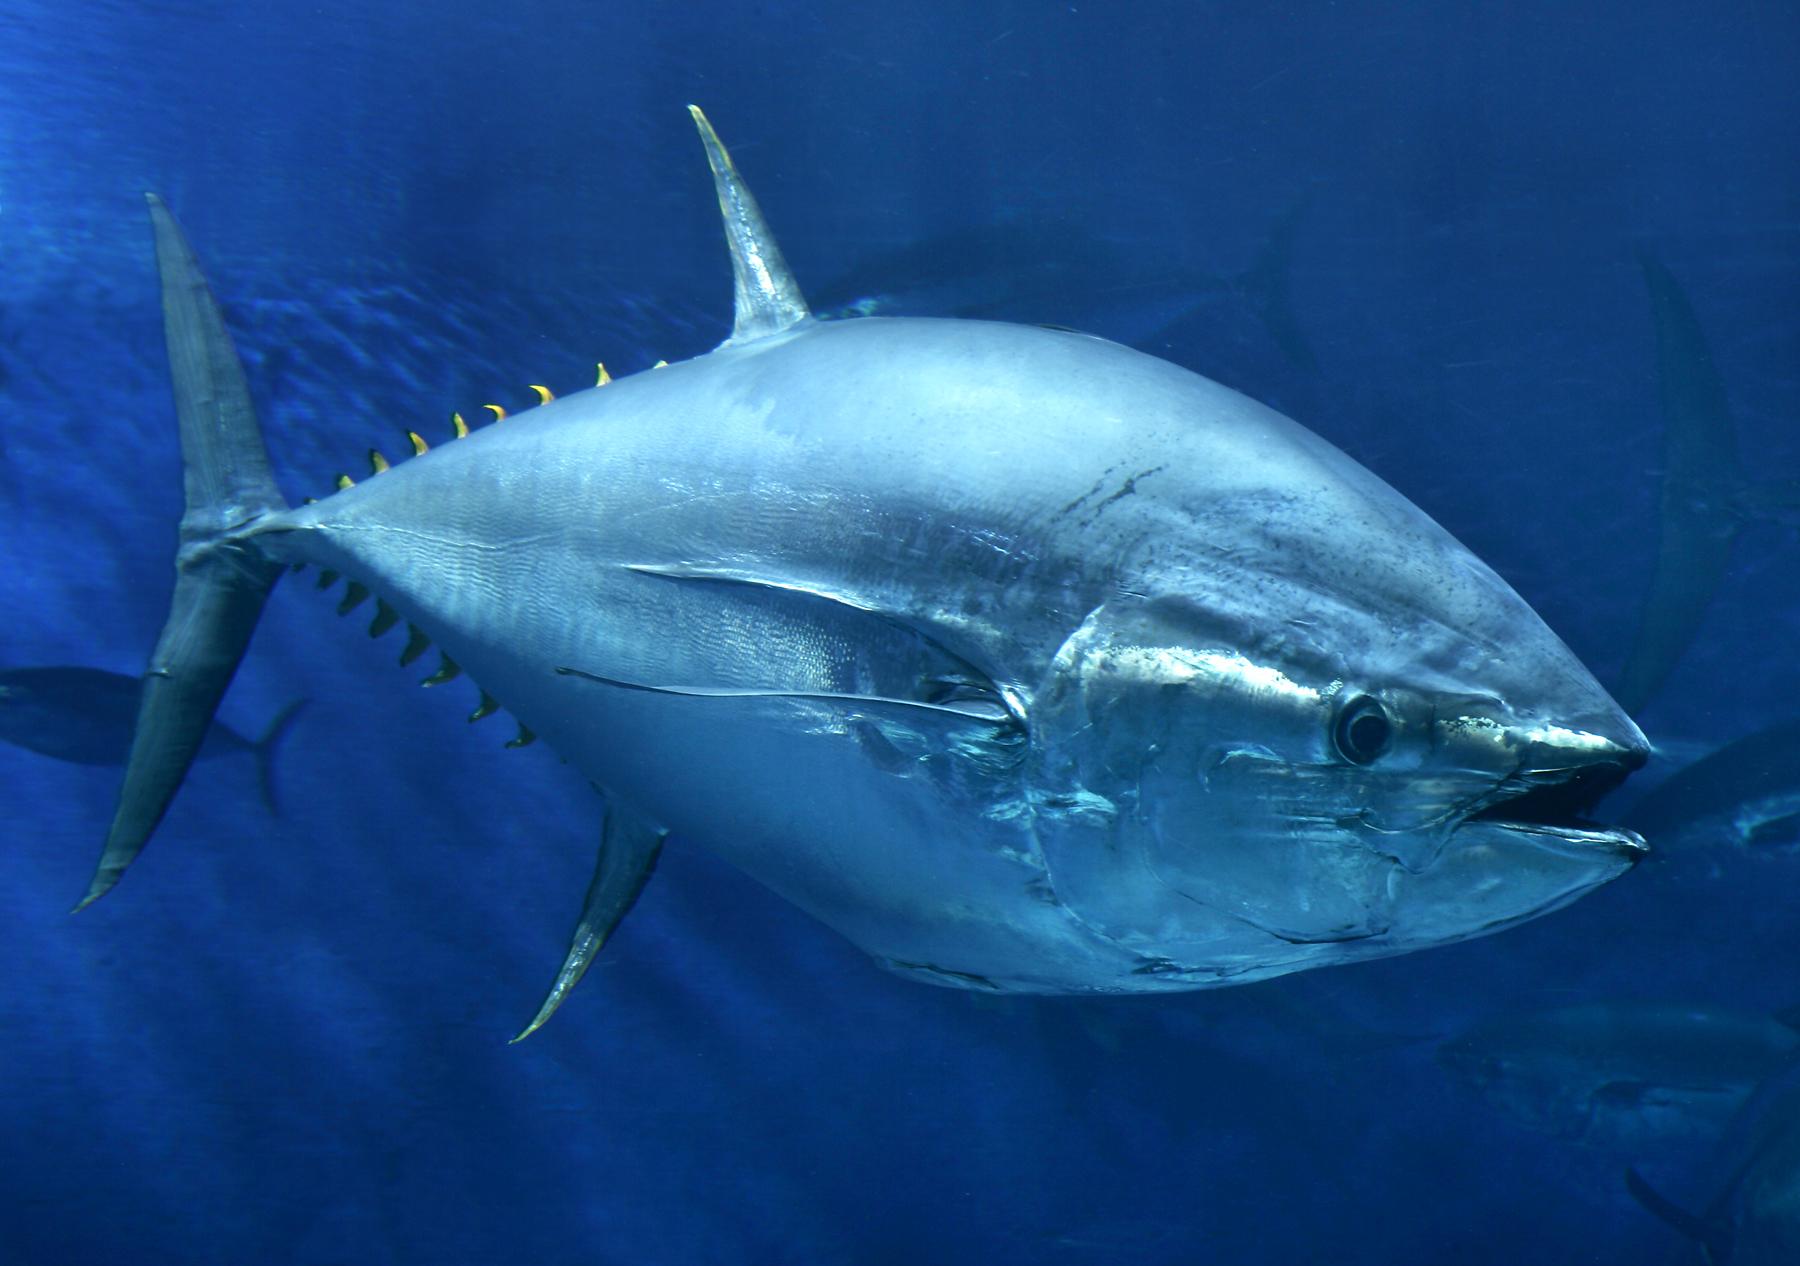 Manfaat Ikan Tuna Bagi Kesehatan Tubuh Manusia